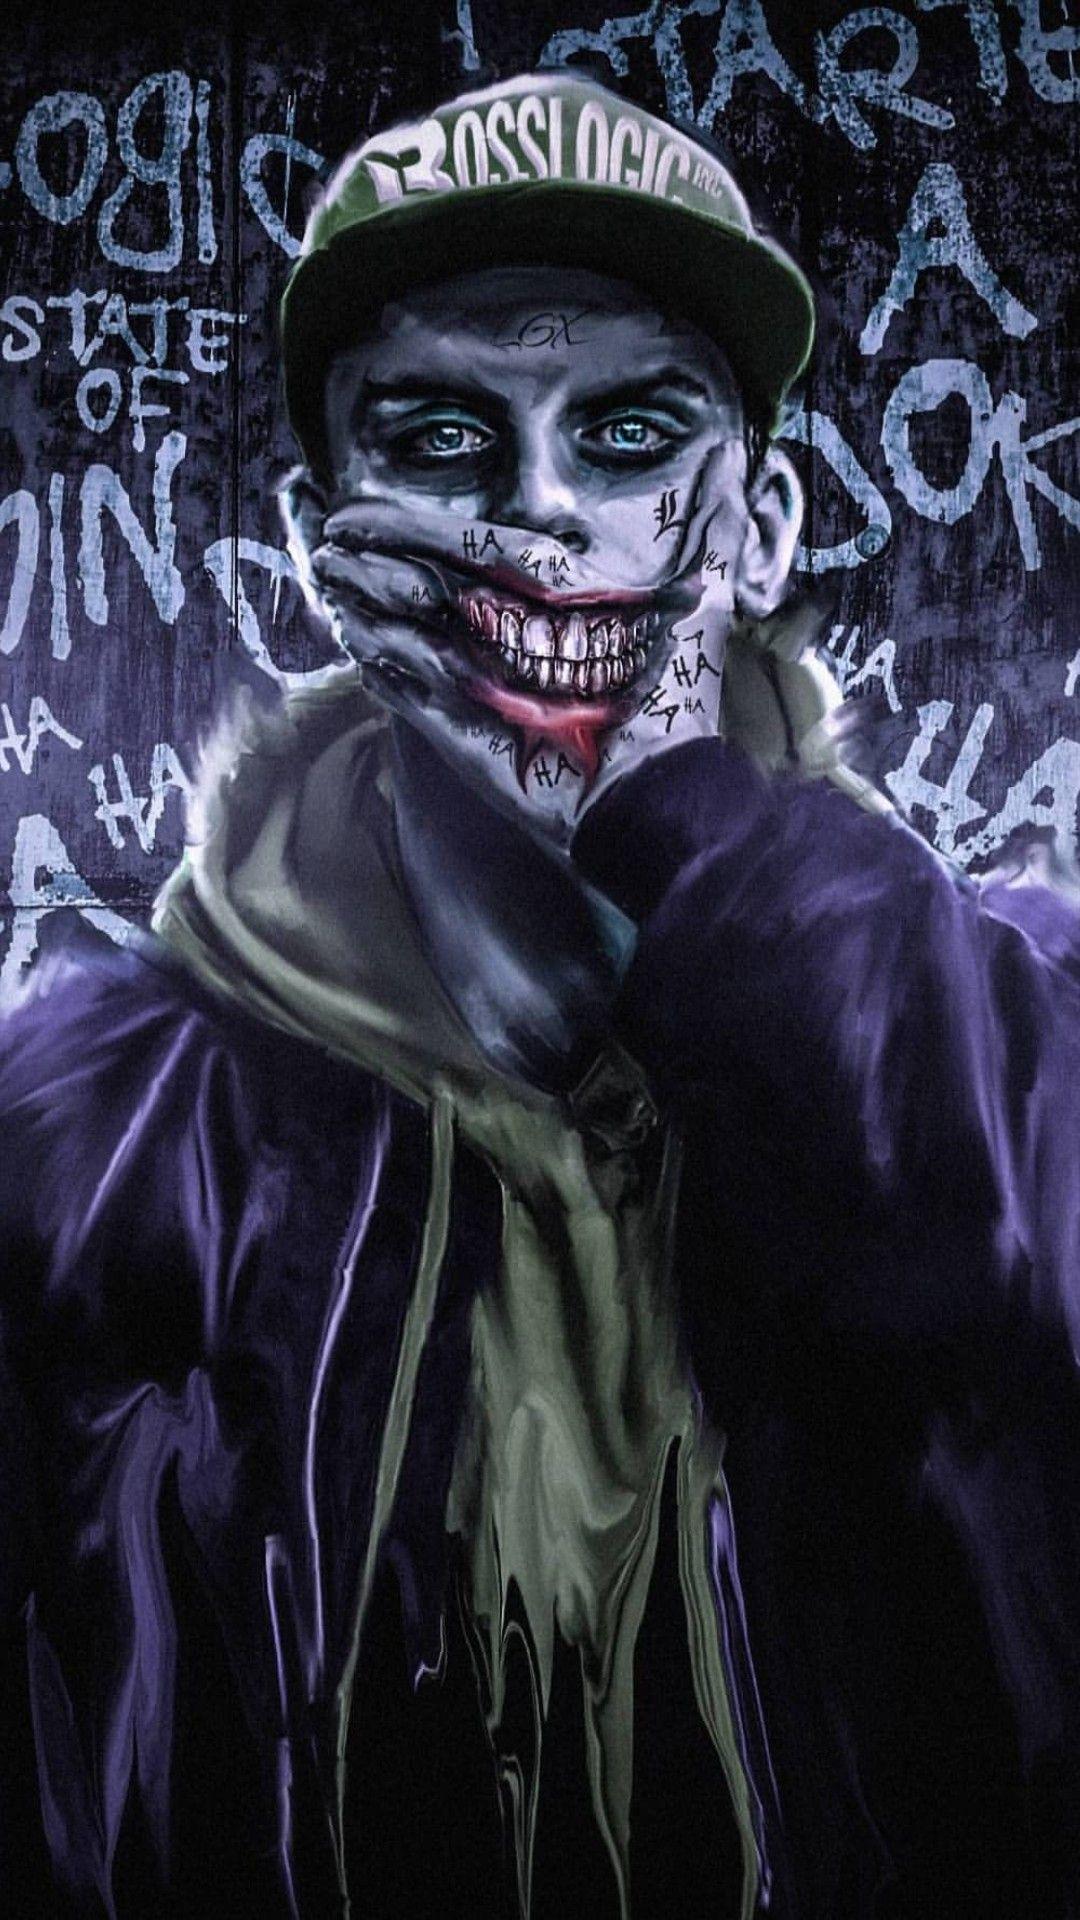 Joker iphone wallpaper image by sam sam on chồng Joker